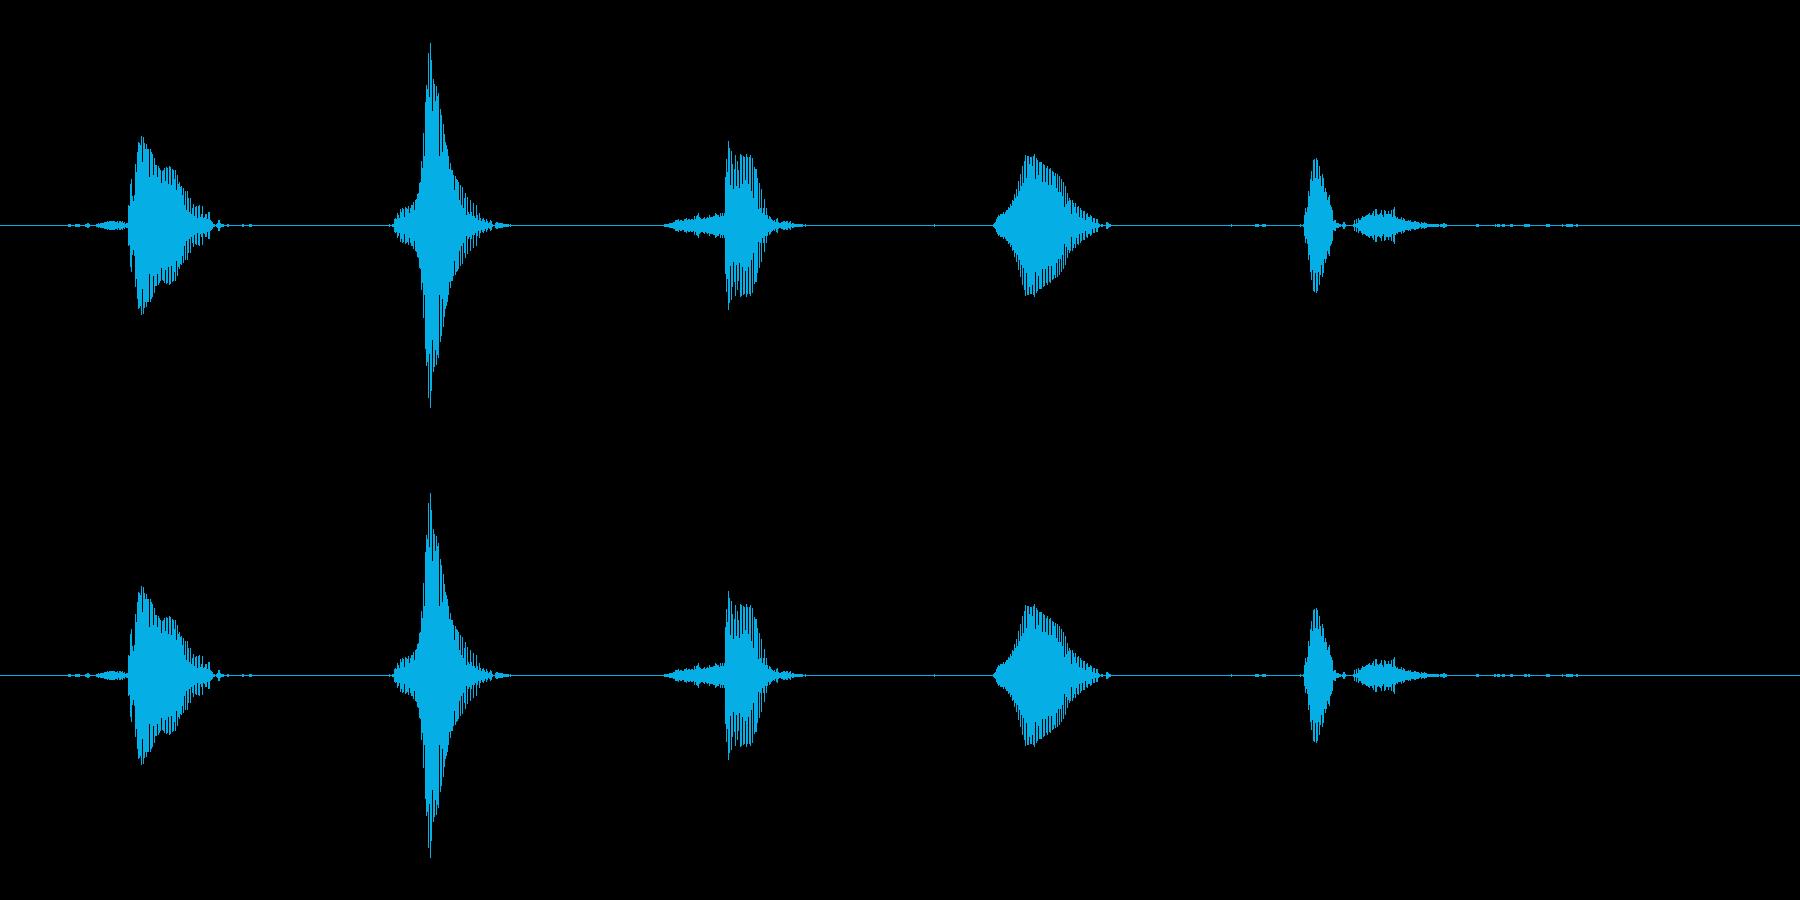 5・4・3・2・1(日本語)の再生済みの波形